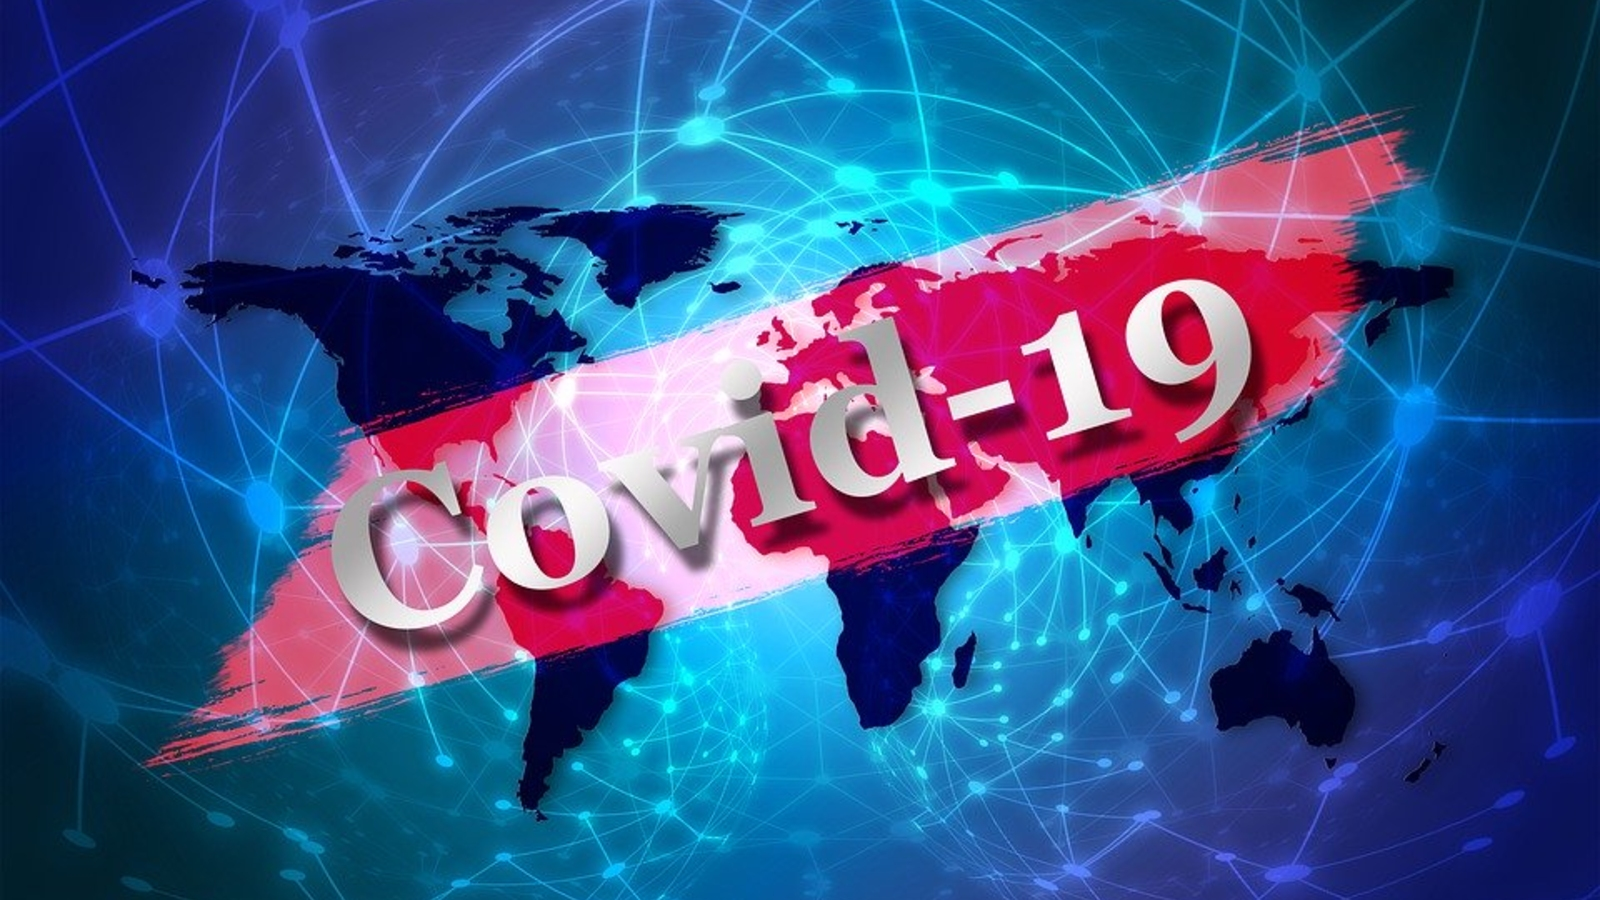 Coronavirus : comment l'Iran et l'Espagne gèrent la crise d'un point de vue technologique